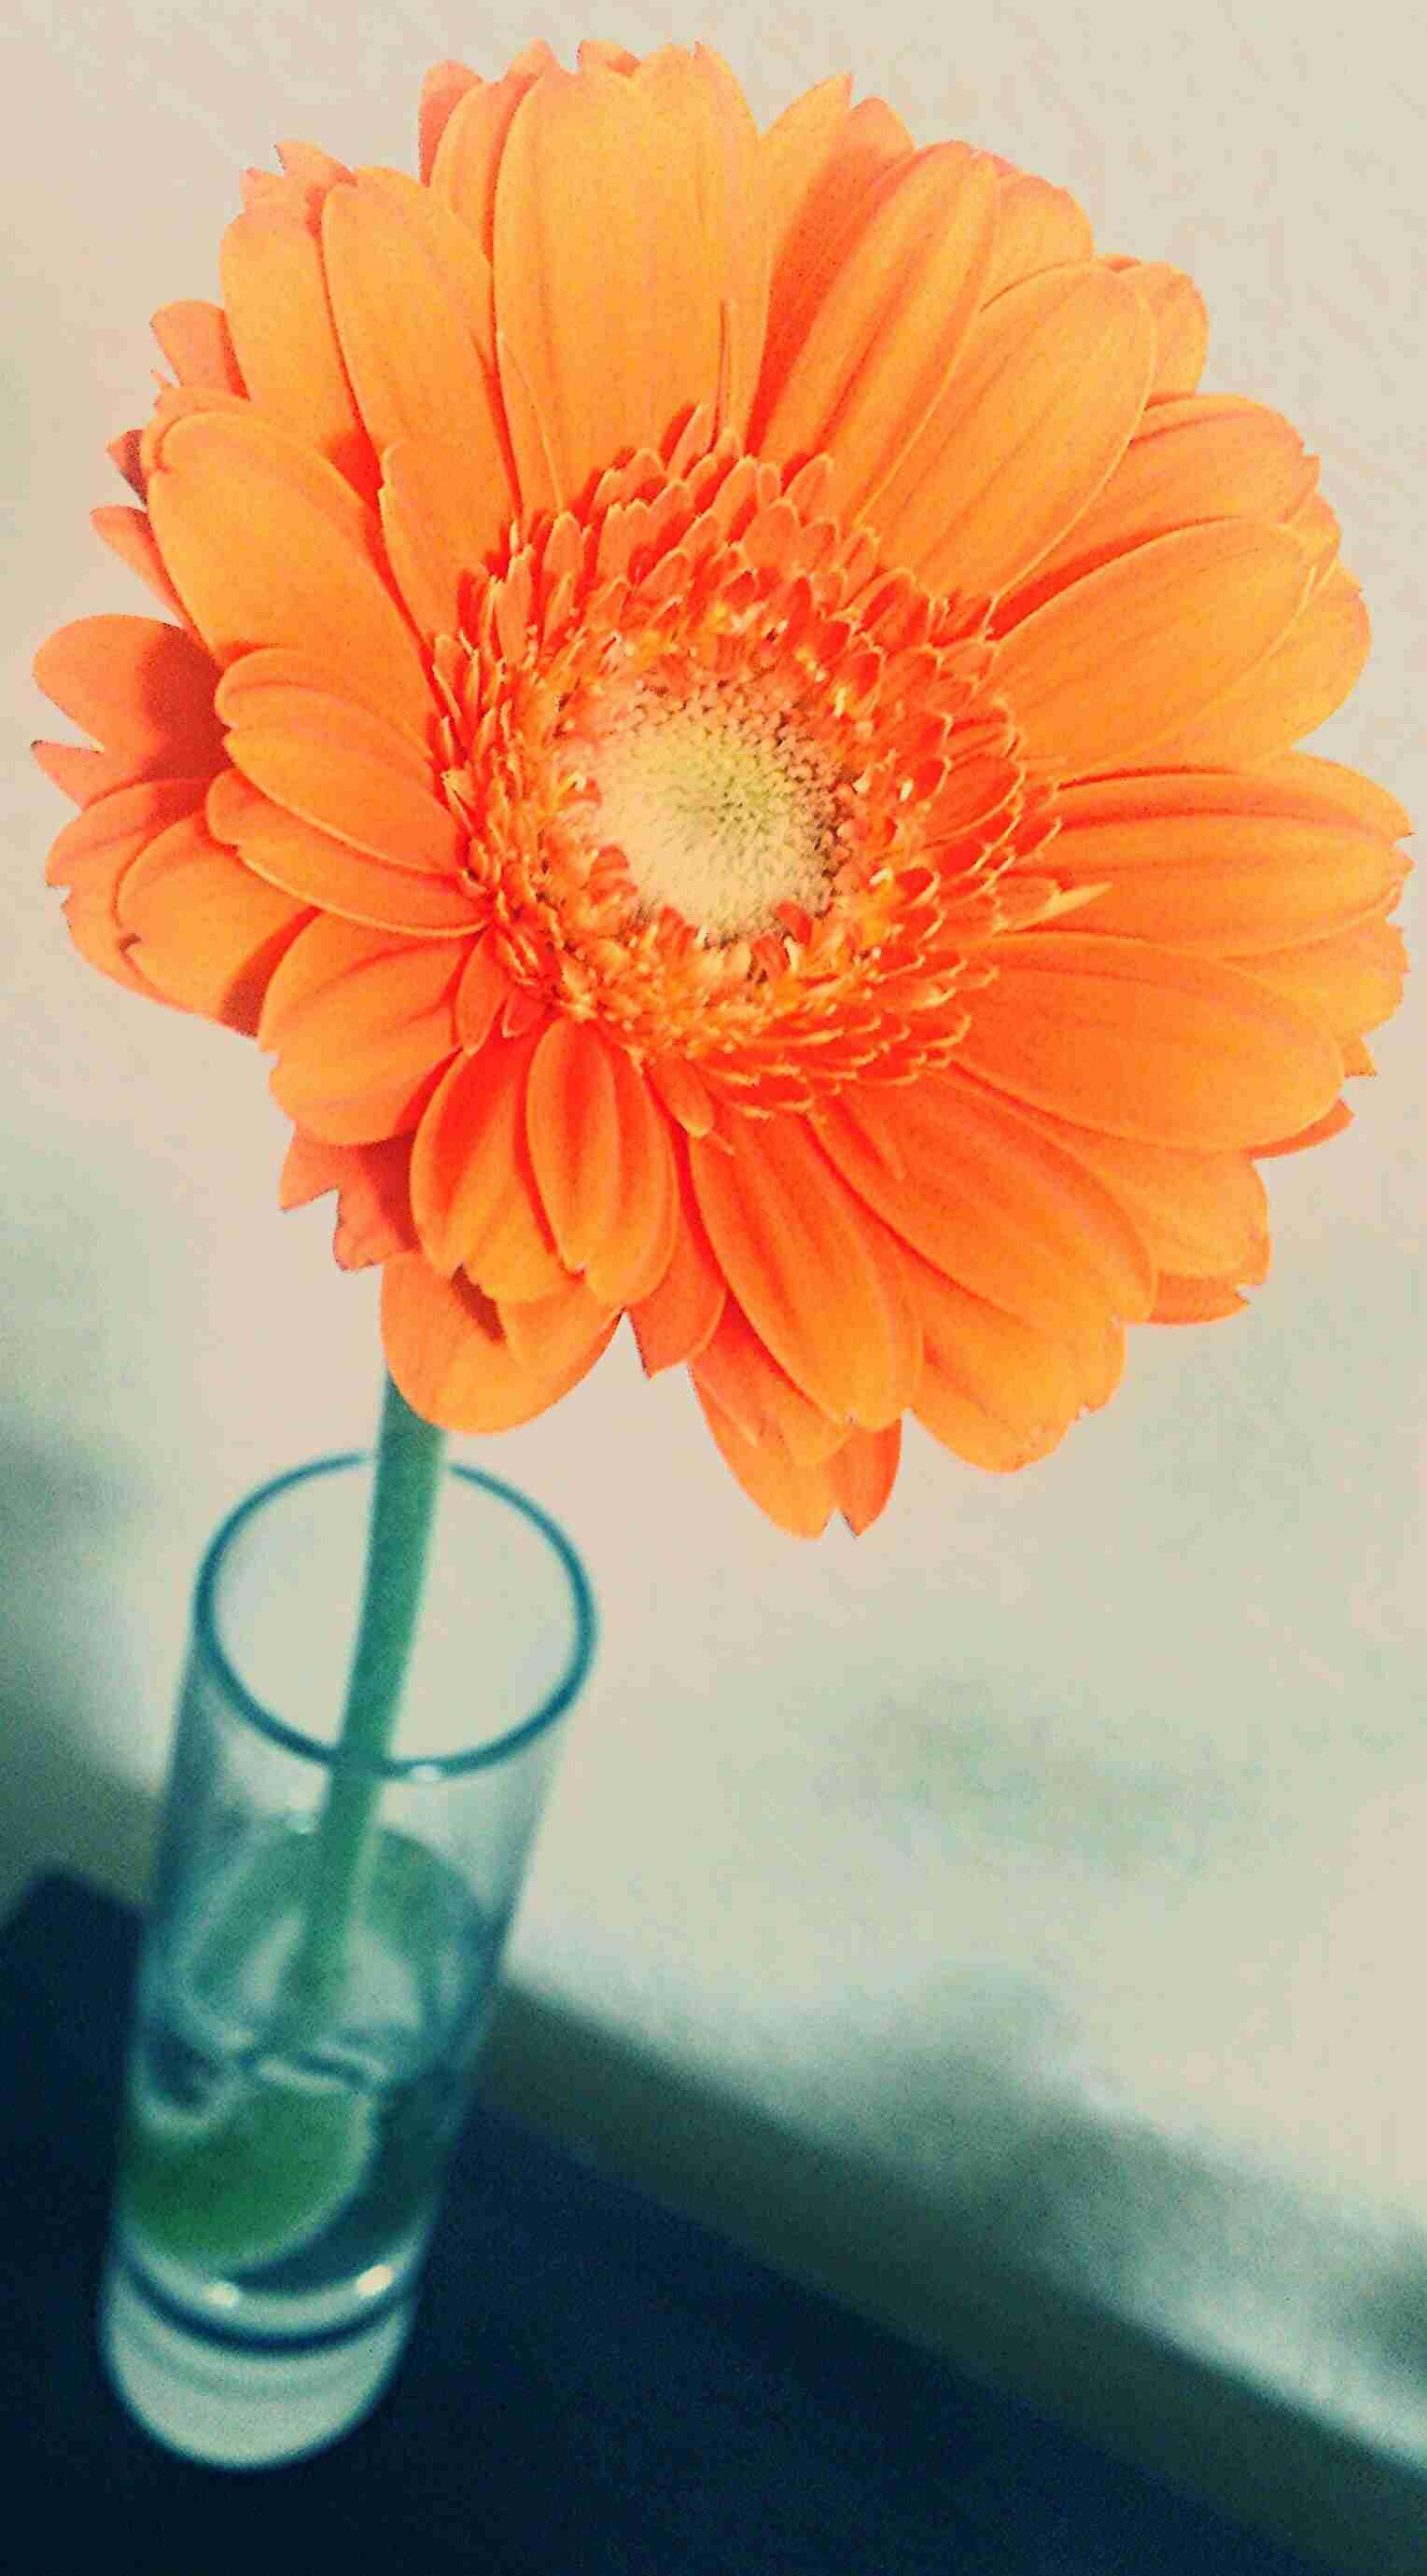 好きな花はなんですか?